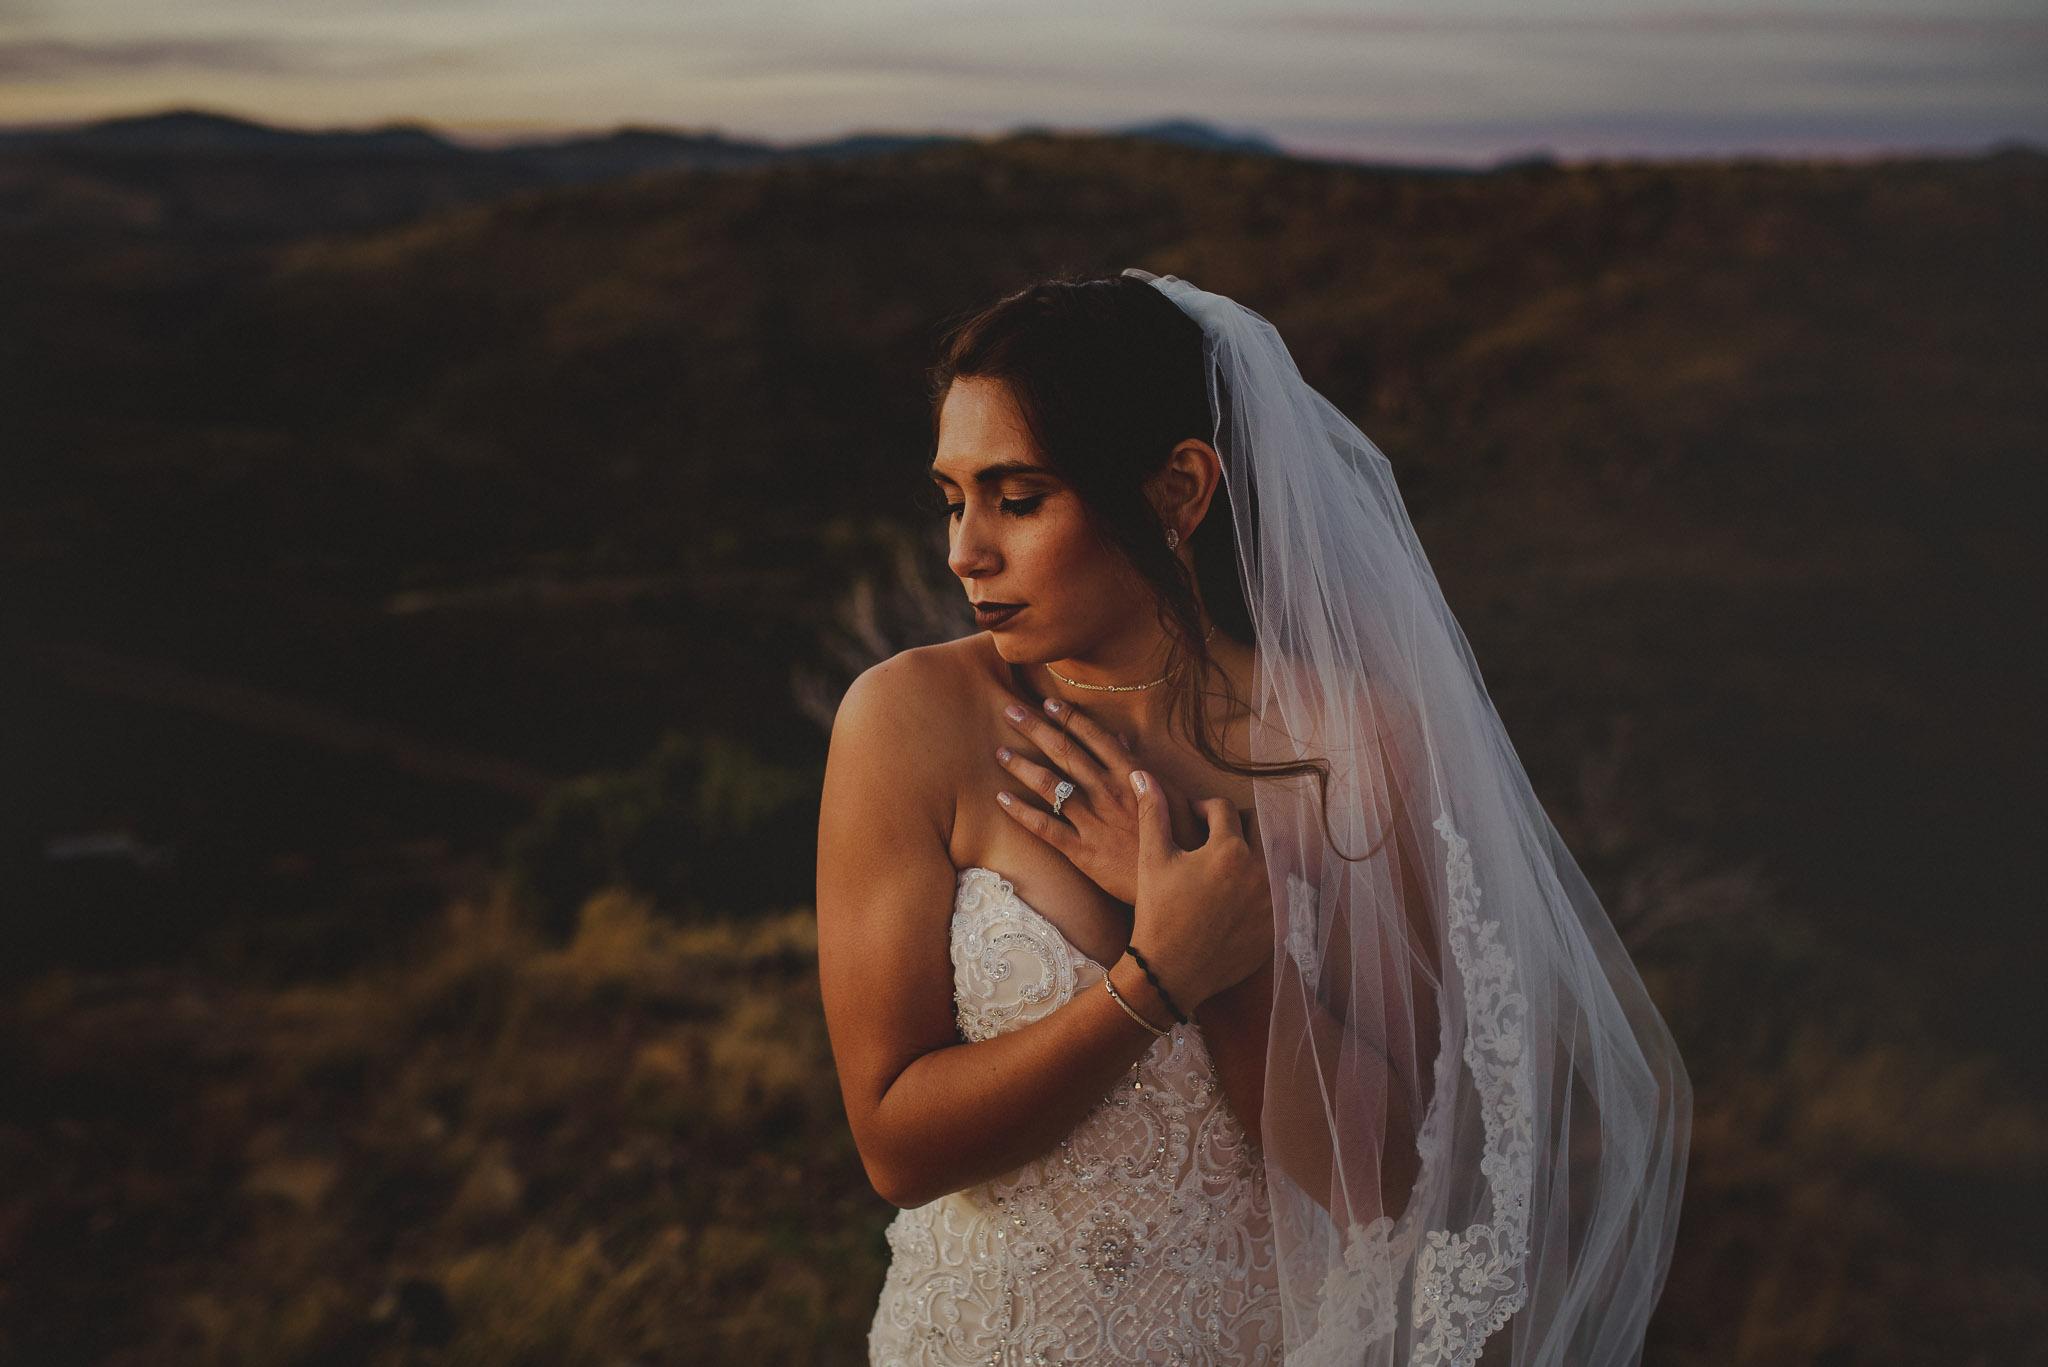 Marfa_Texas_Wedding_Photographer-0035.jpg